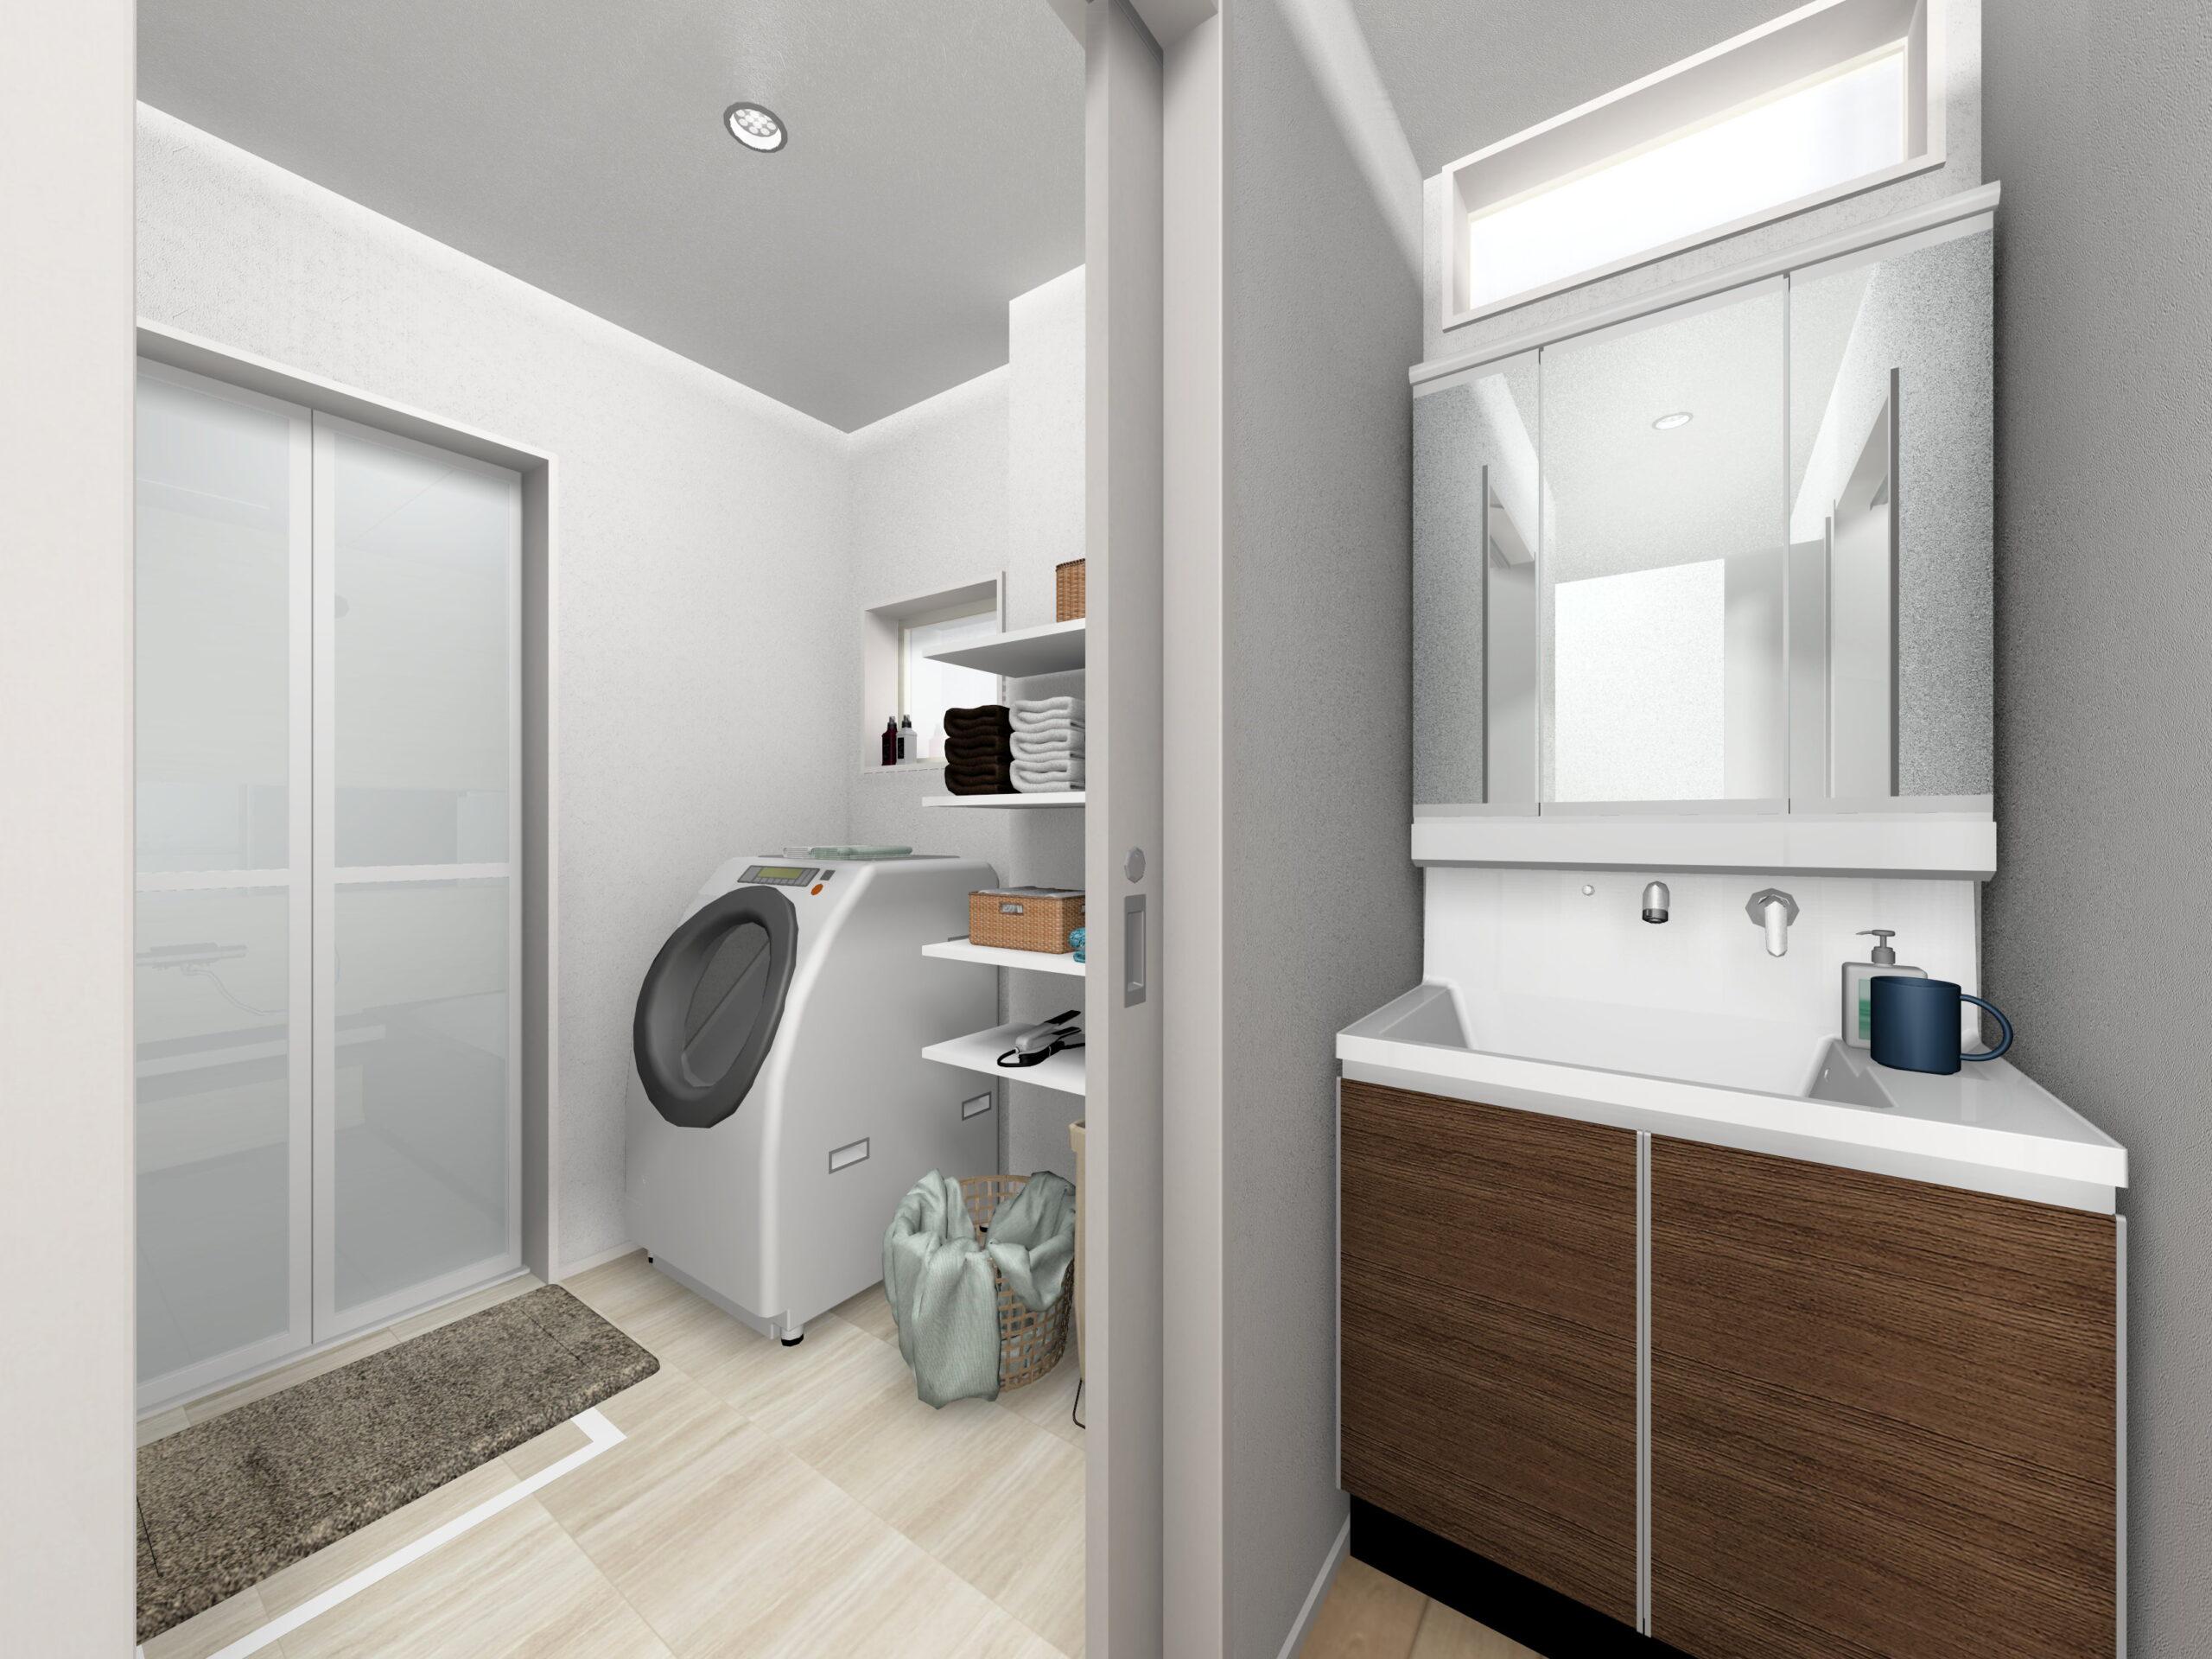 嬉野市新築建売住宅「OURS下野2号地」洗面脱衣所パース